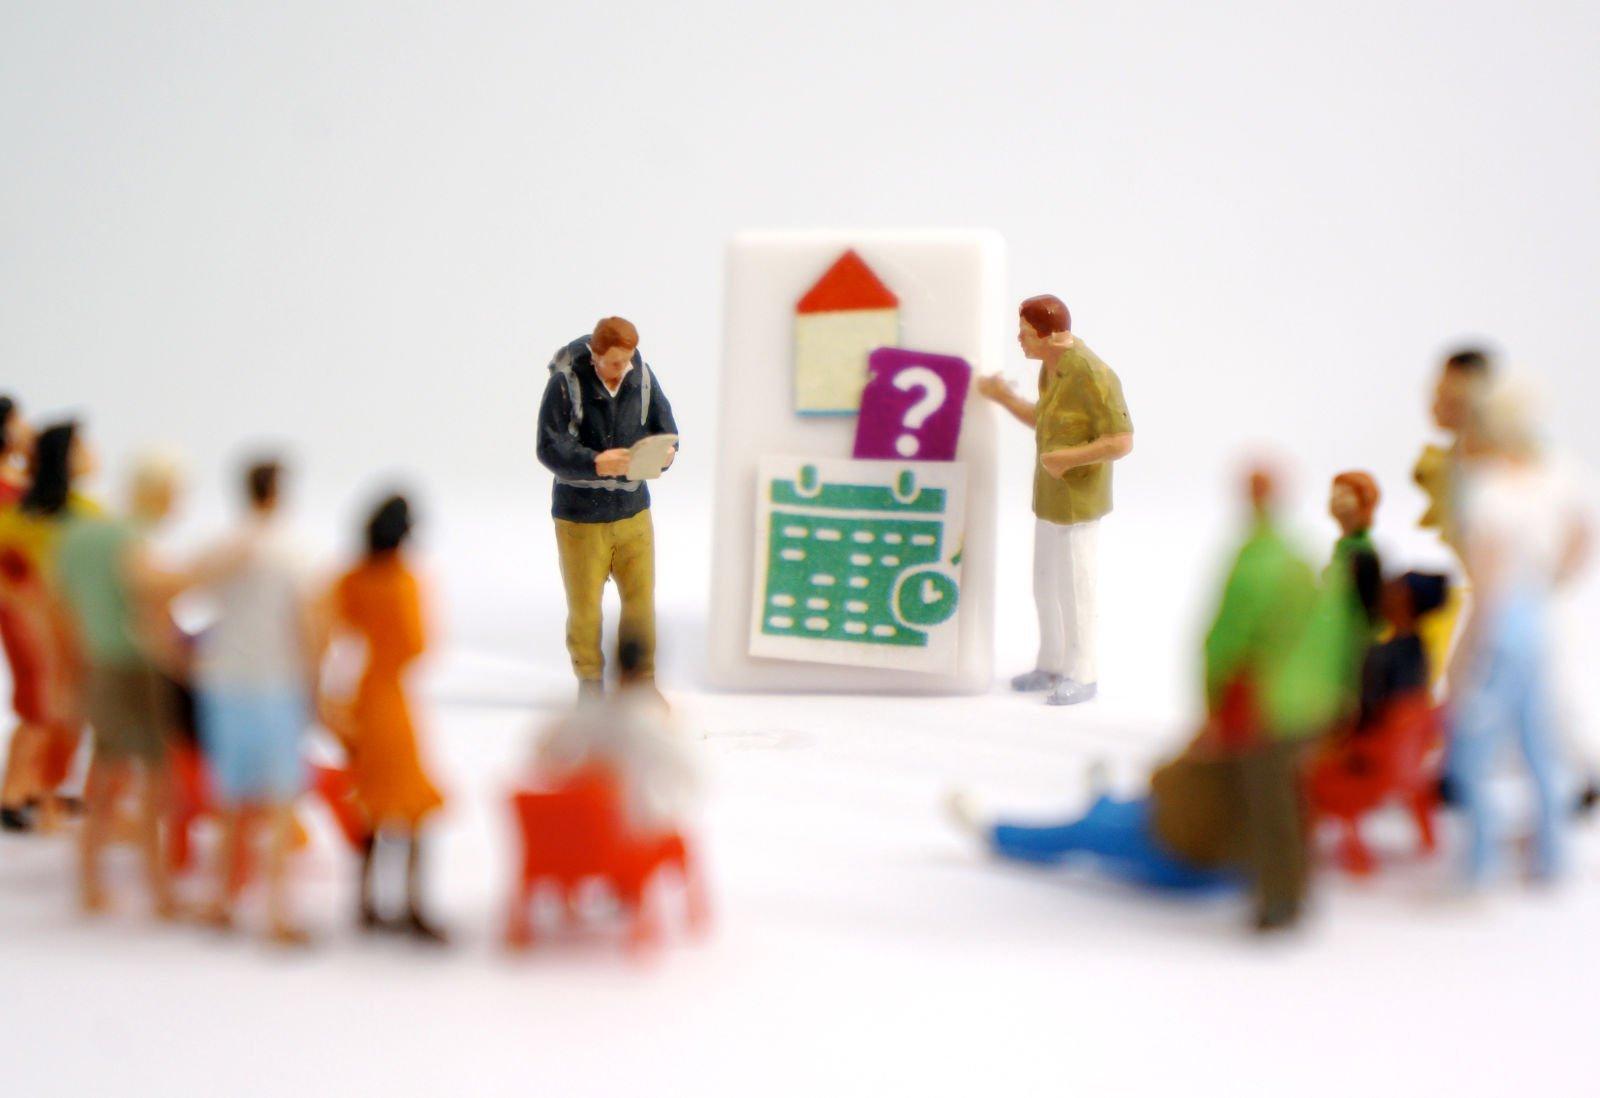 Du suchst Kunden für Deine Beratung im Bereich gemeinschaftliches Wohnen? Bei bring-together findest Du täglich neue Menschen, die nach Gemeinschaften suchen.